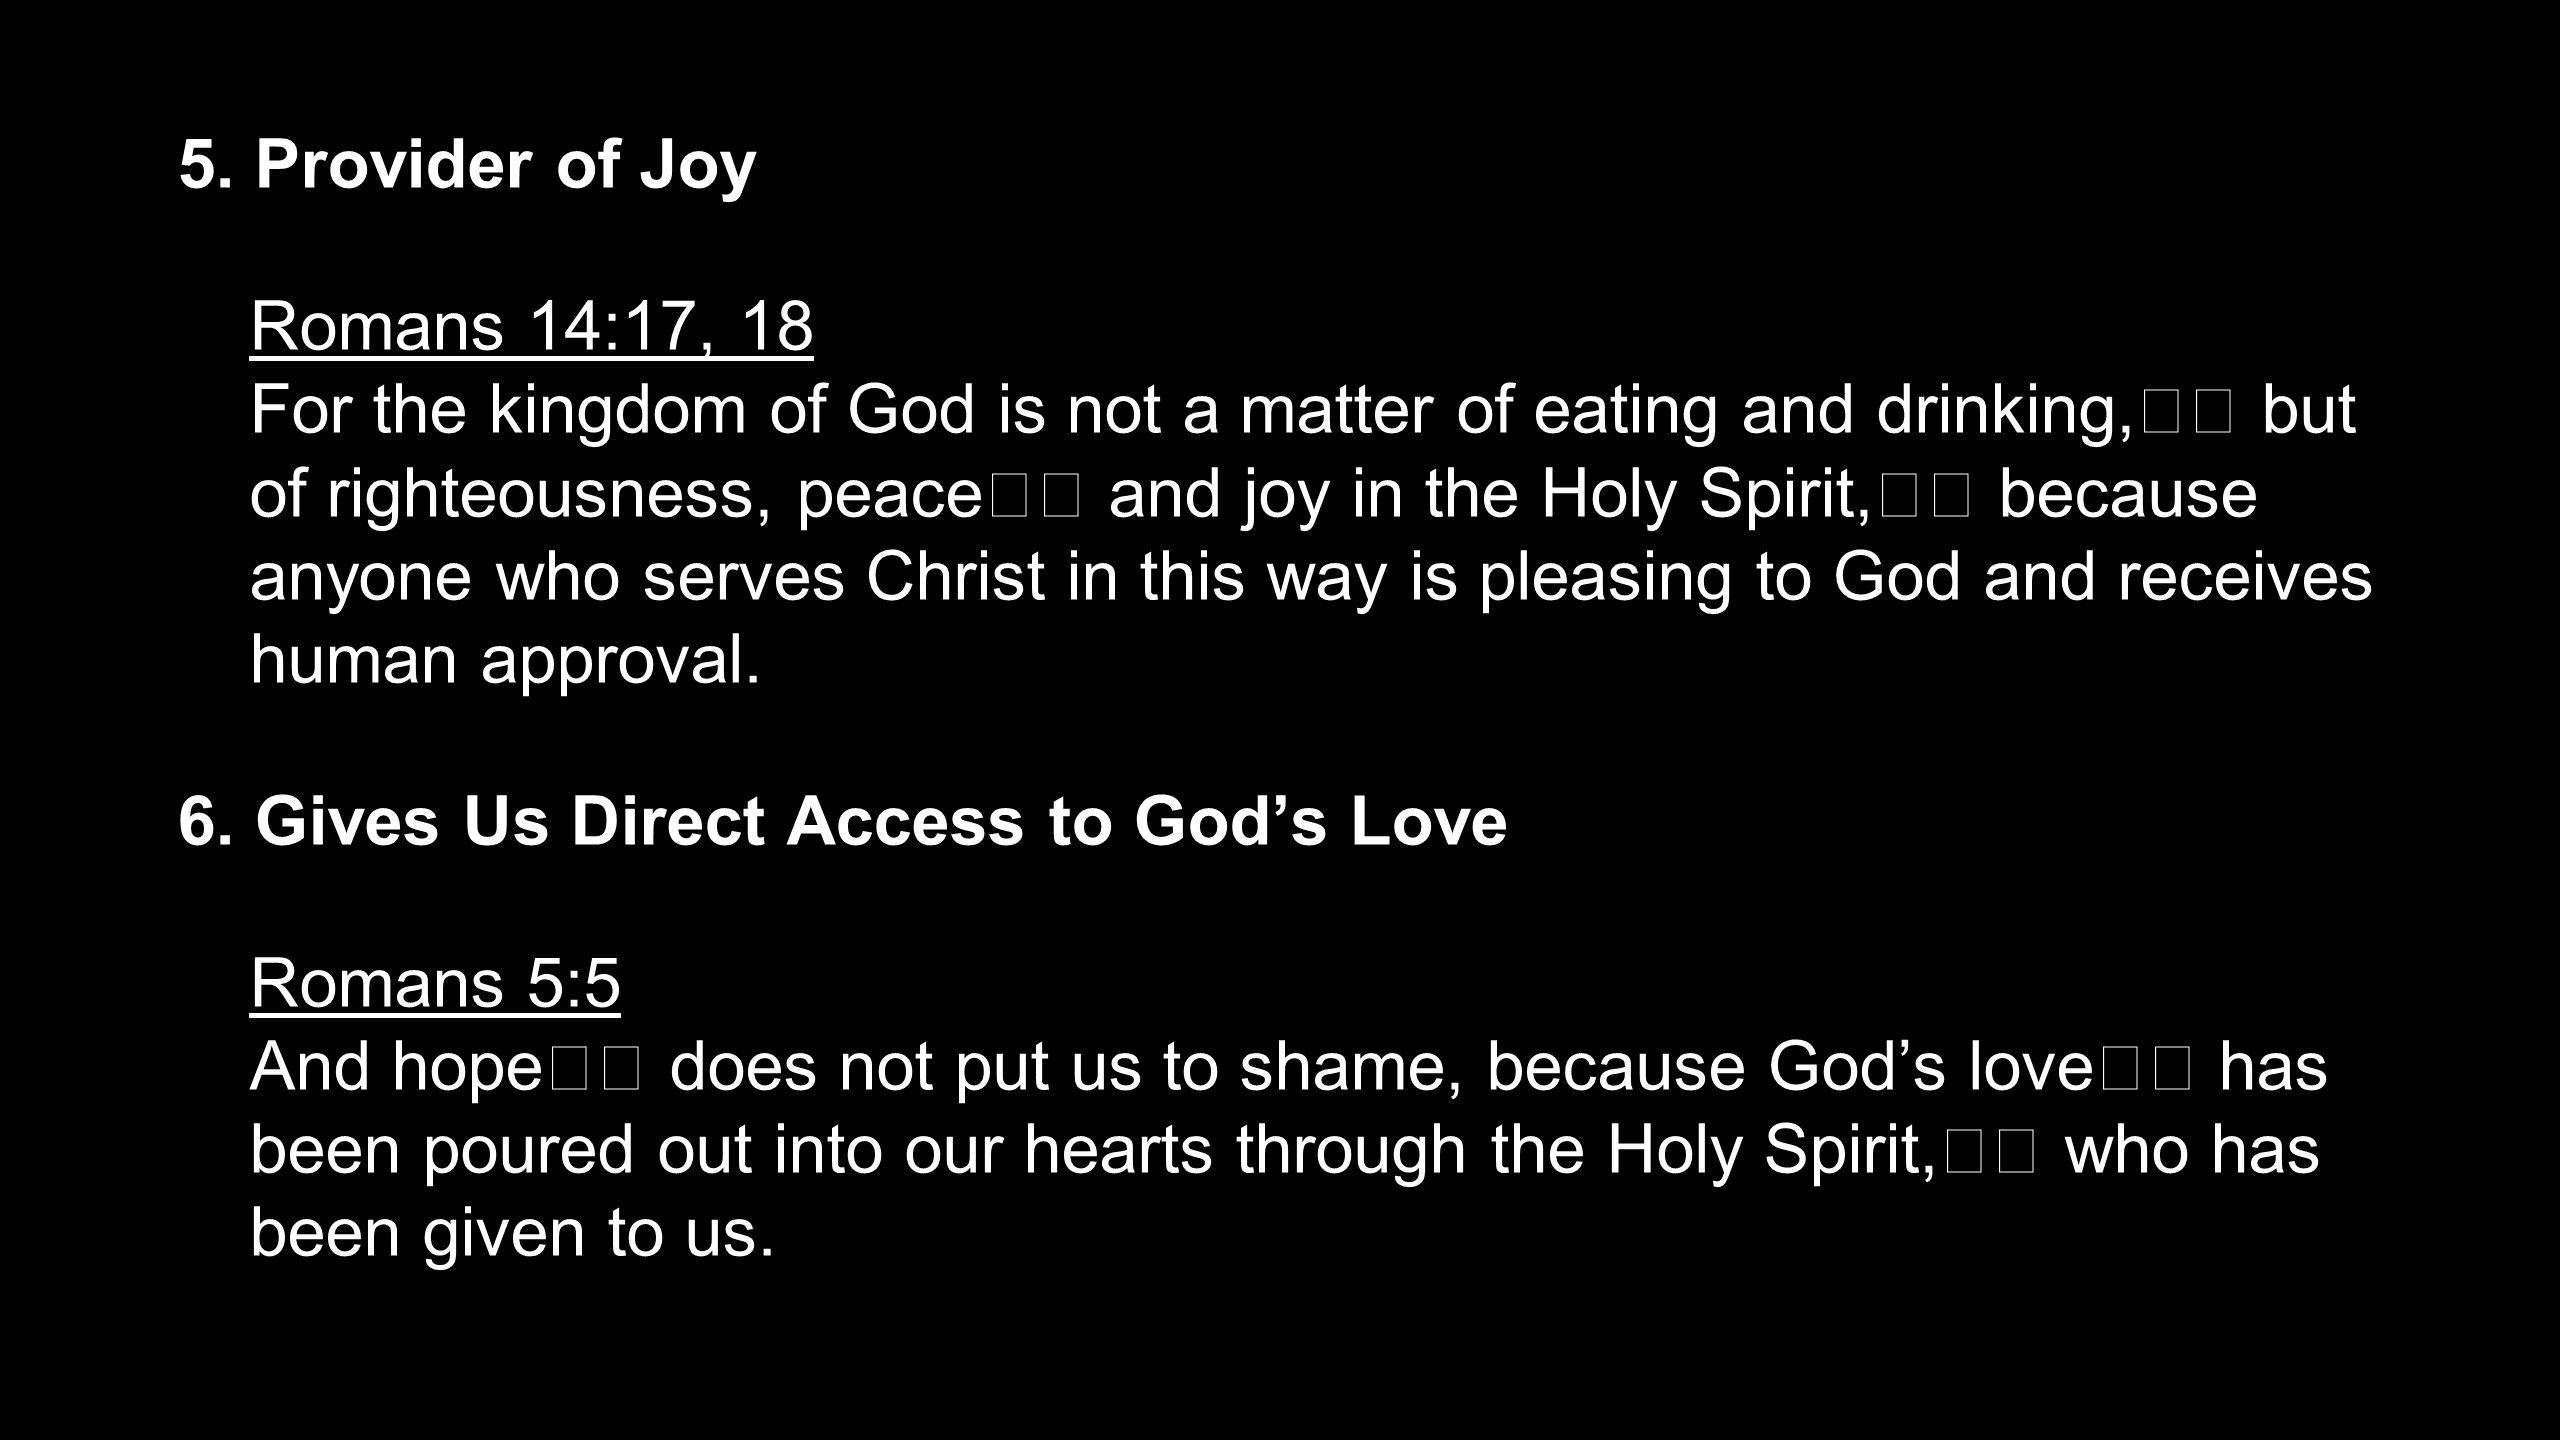 5. Provider of Joy